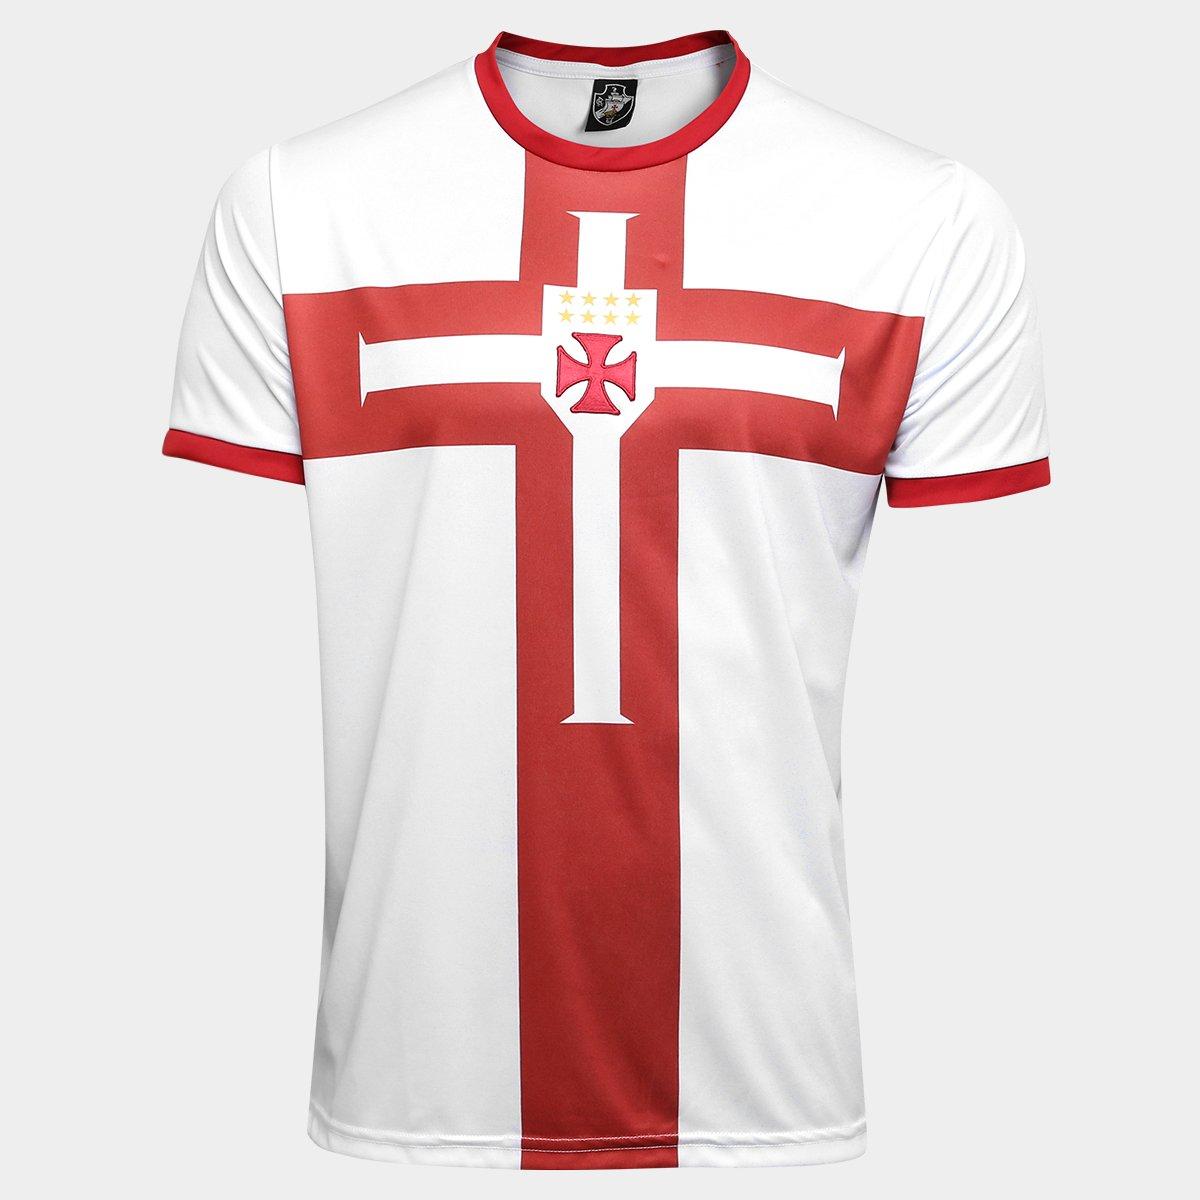 Camisa Vasco Templária Ed. Limitada Masculina - Branco e Vermelho ... 6a902cbe43b1d